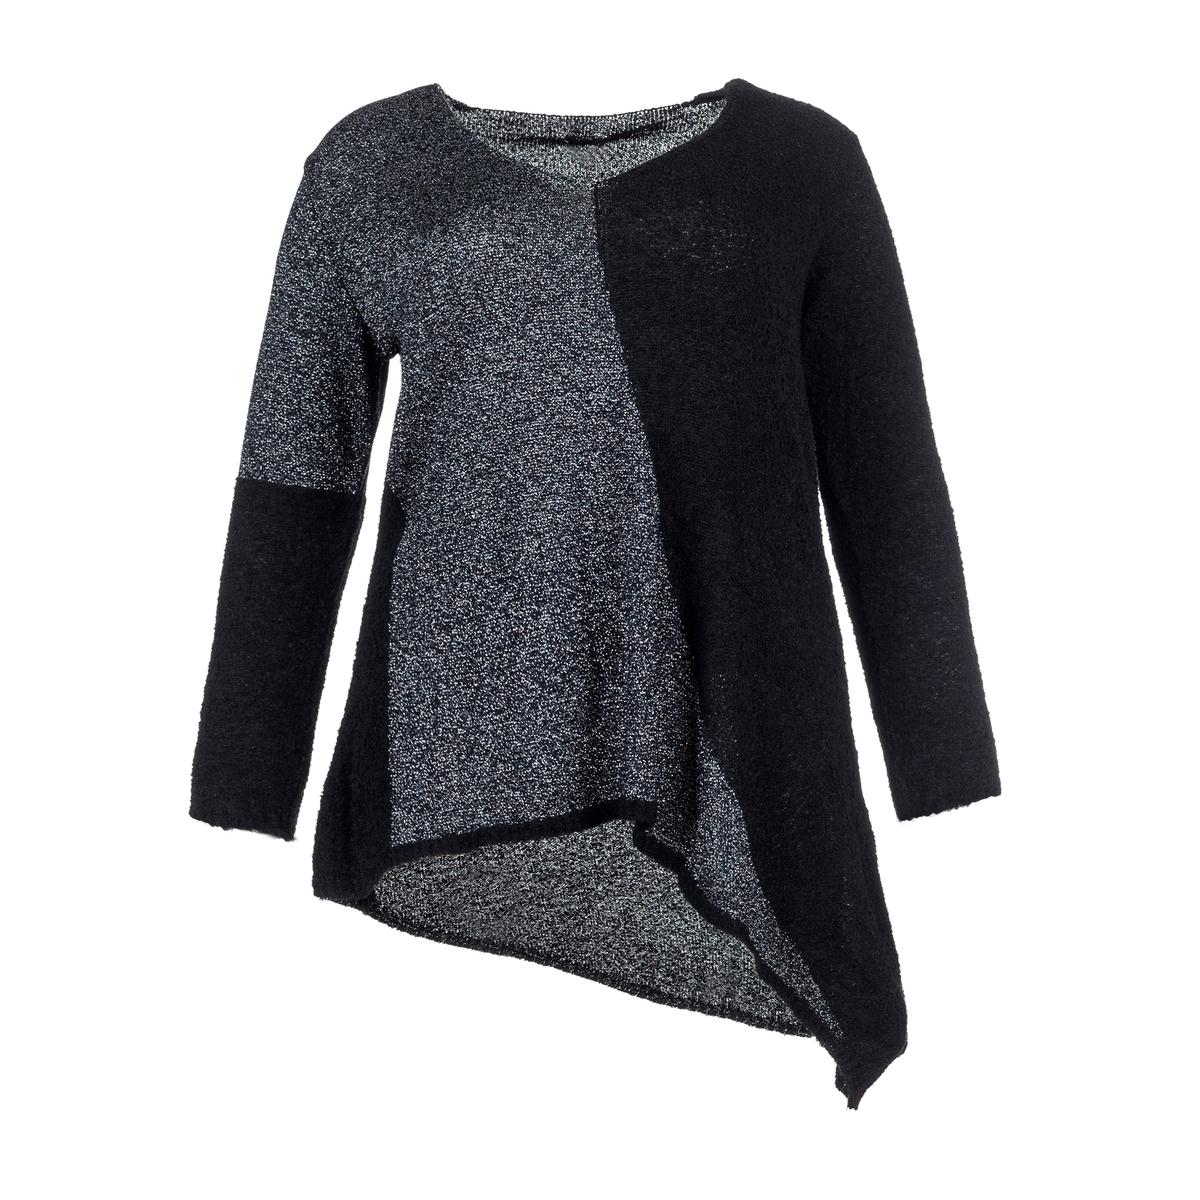 ПуловерАсимметричный пуловер с черным низом и металлизированными нитями сбоку и на рукаве . Длинные рукава.<br><br>Цвет: черный/серый